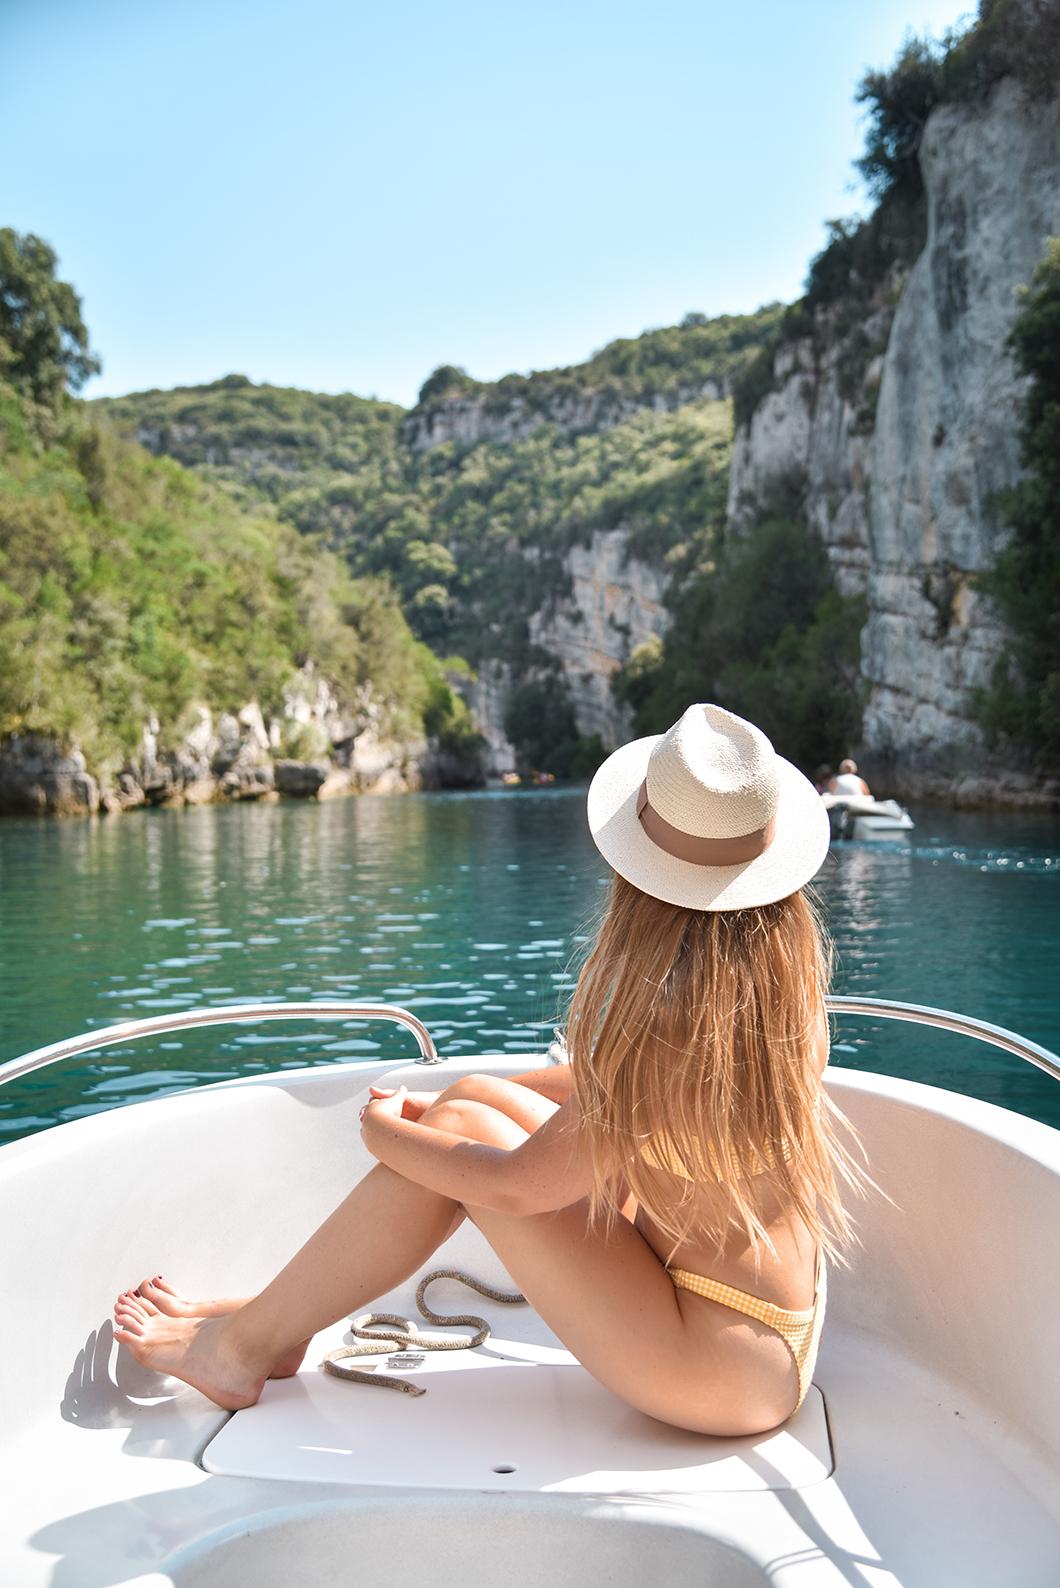 Où faire du bateau dans les Gorges du Verdon ?